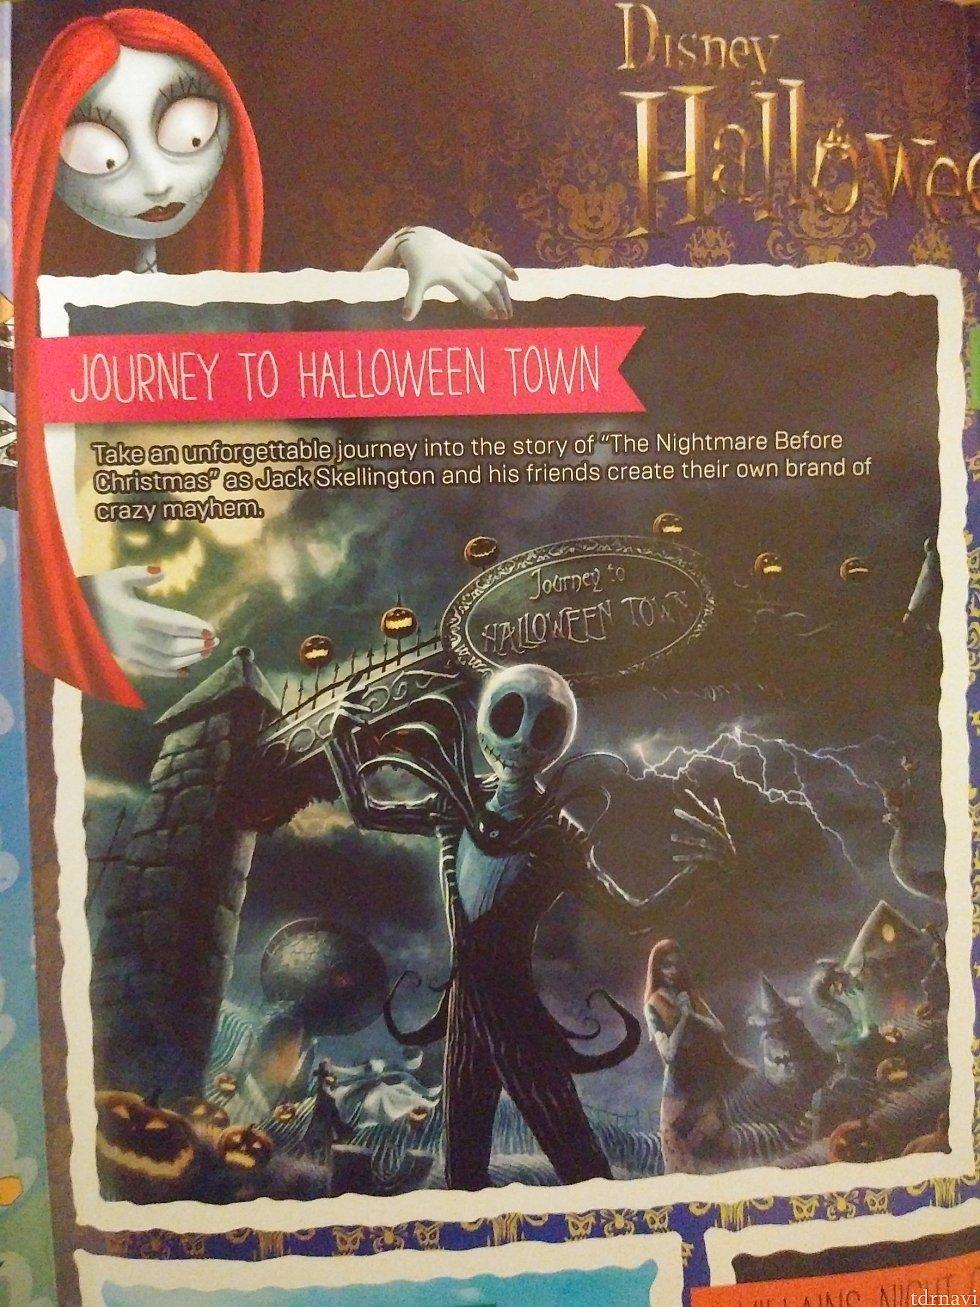 英語版のガイドマップにはハロウィンイベント情報が載ってます。